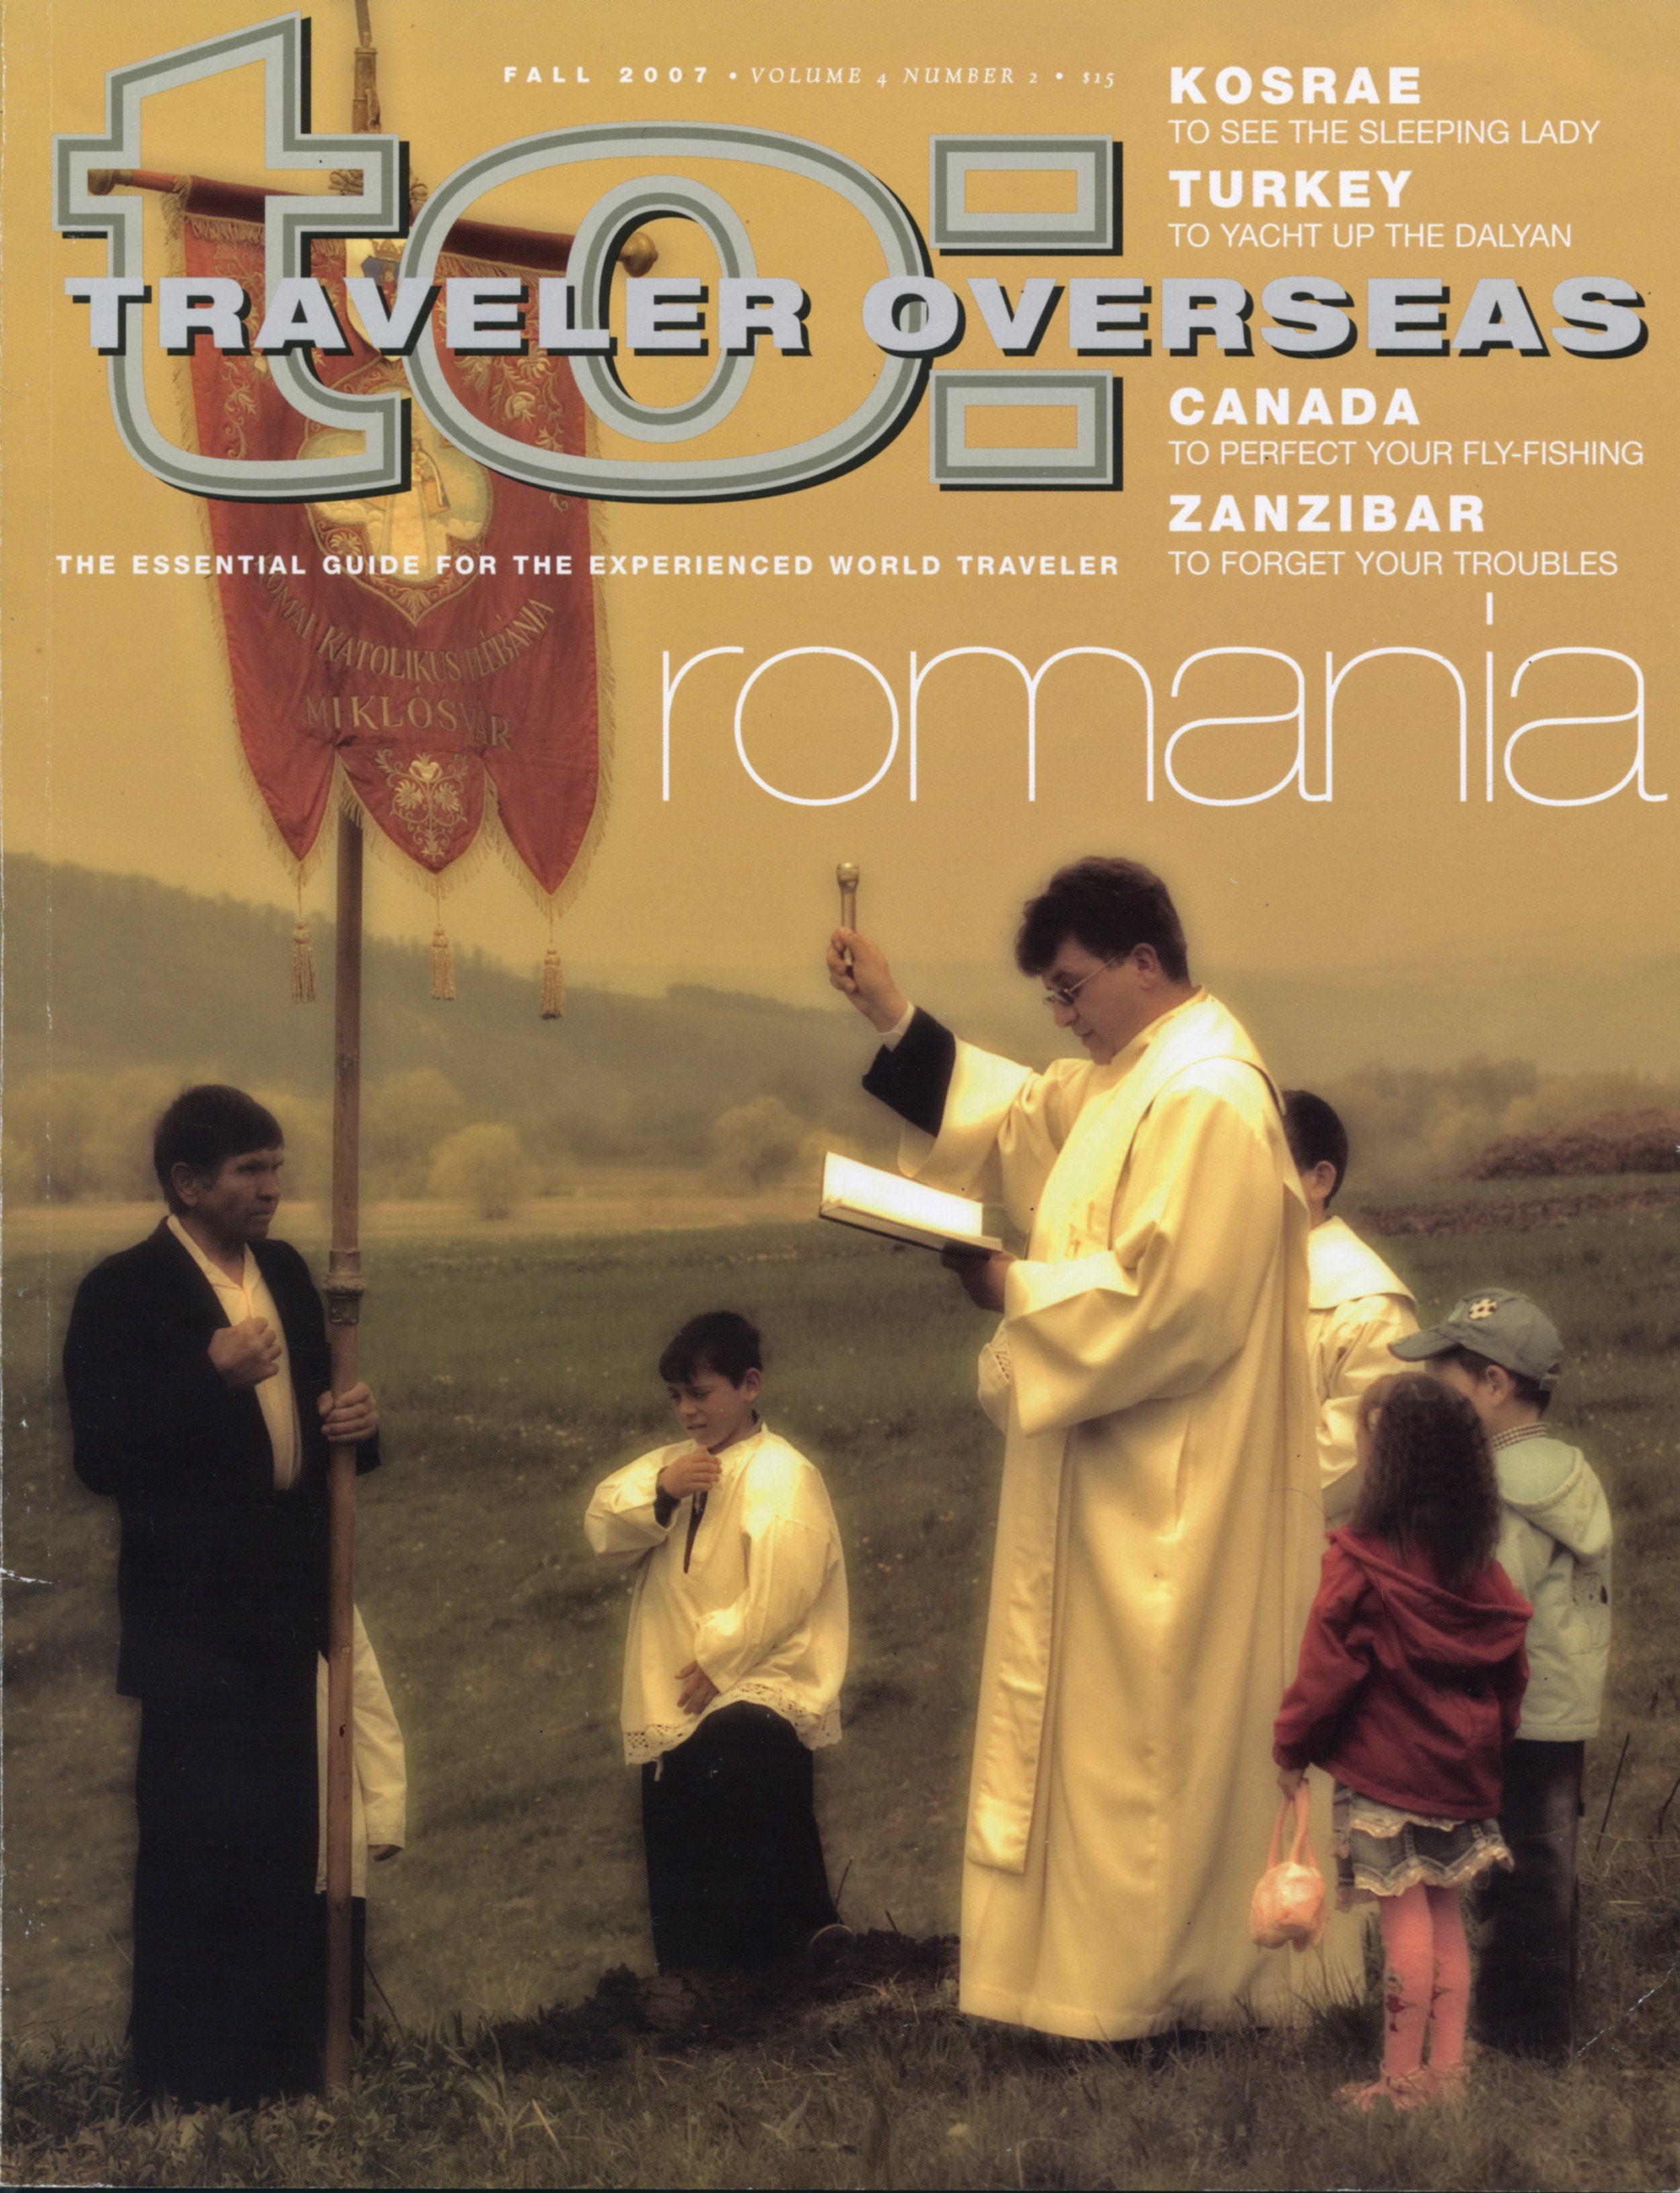 RZ_Traveler Overseas_Cover.jpg